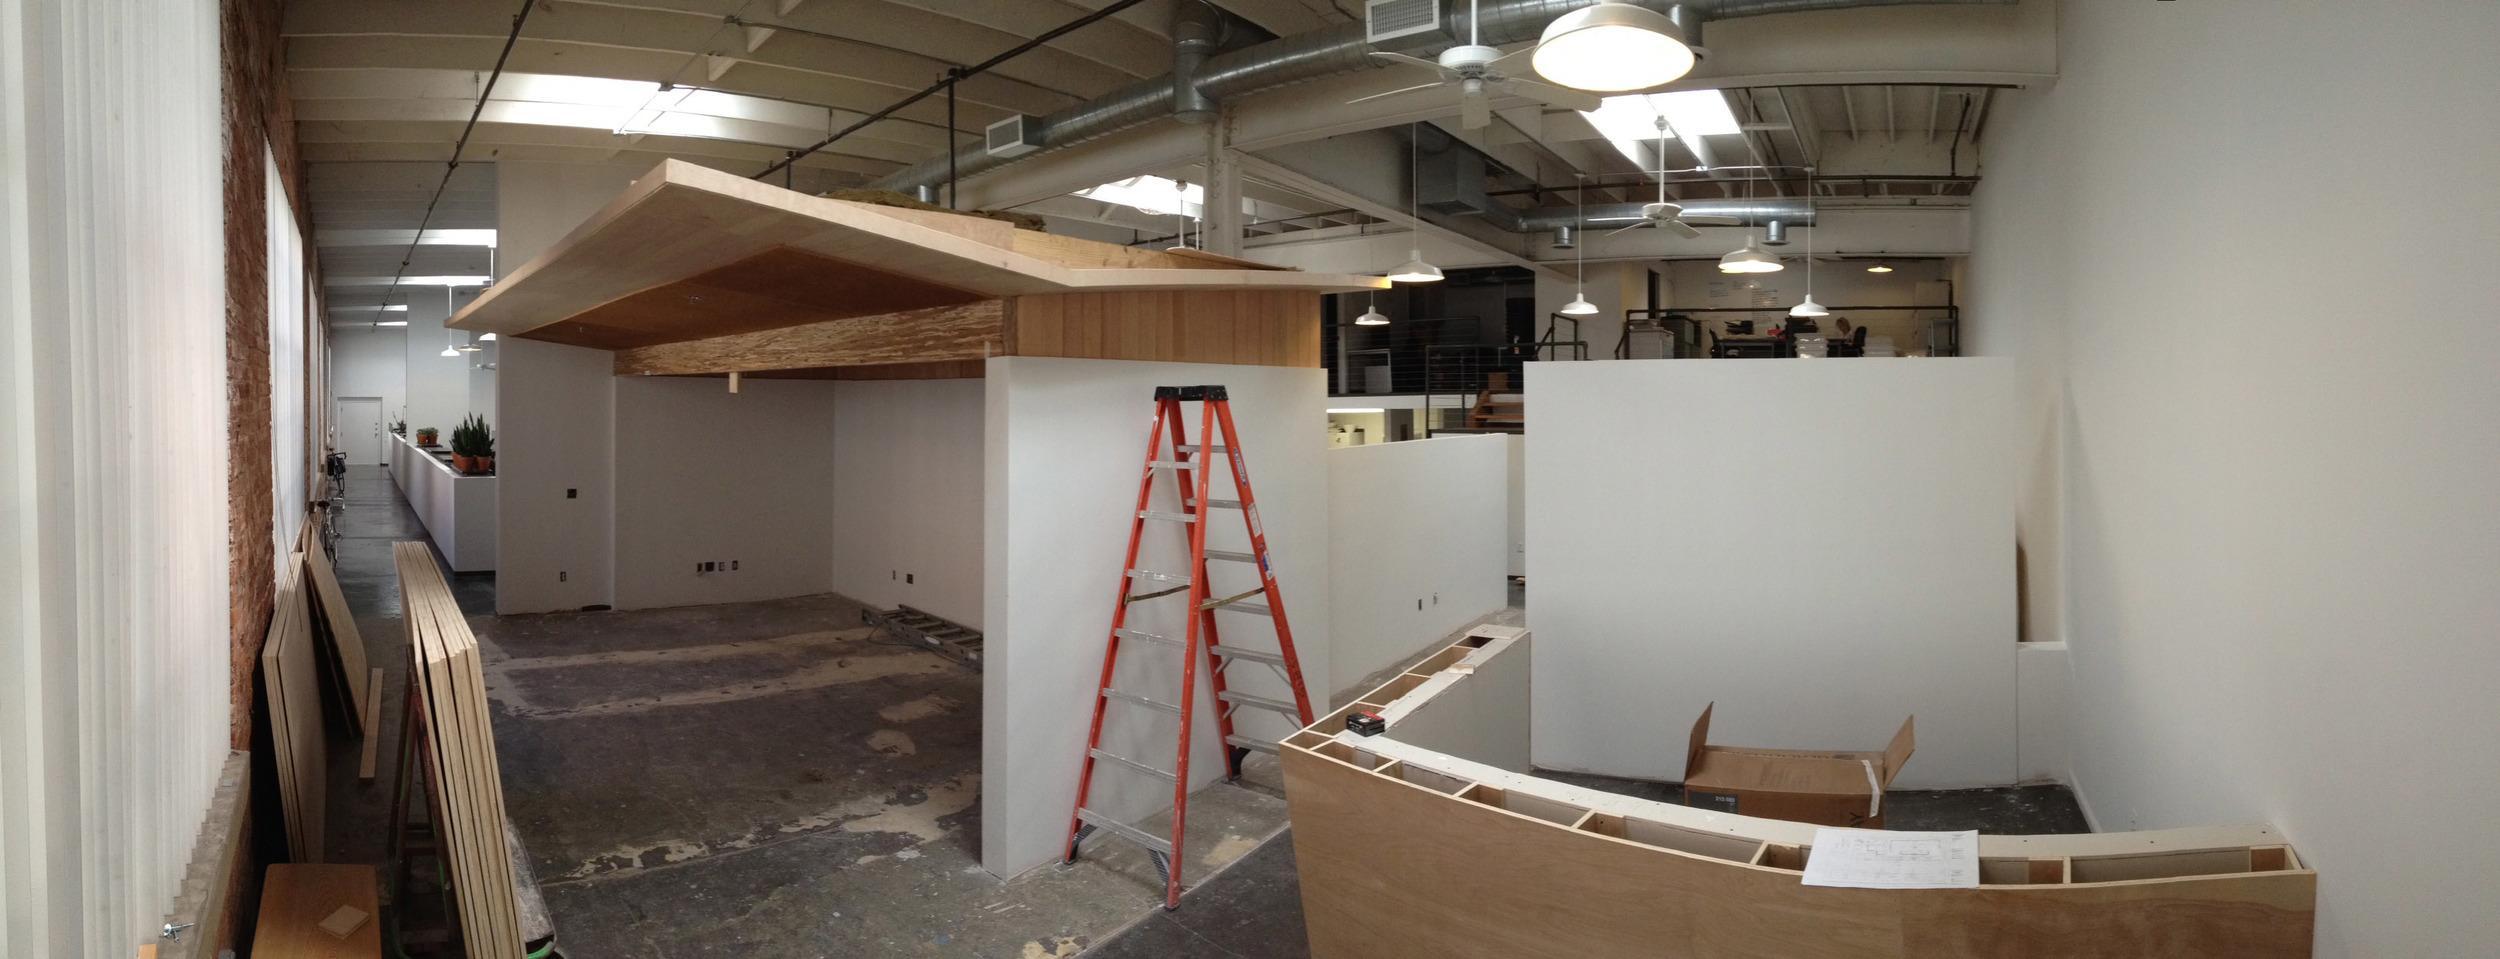 studio-outside-office-renovation-04